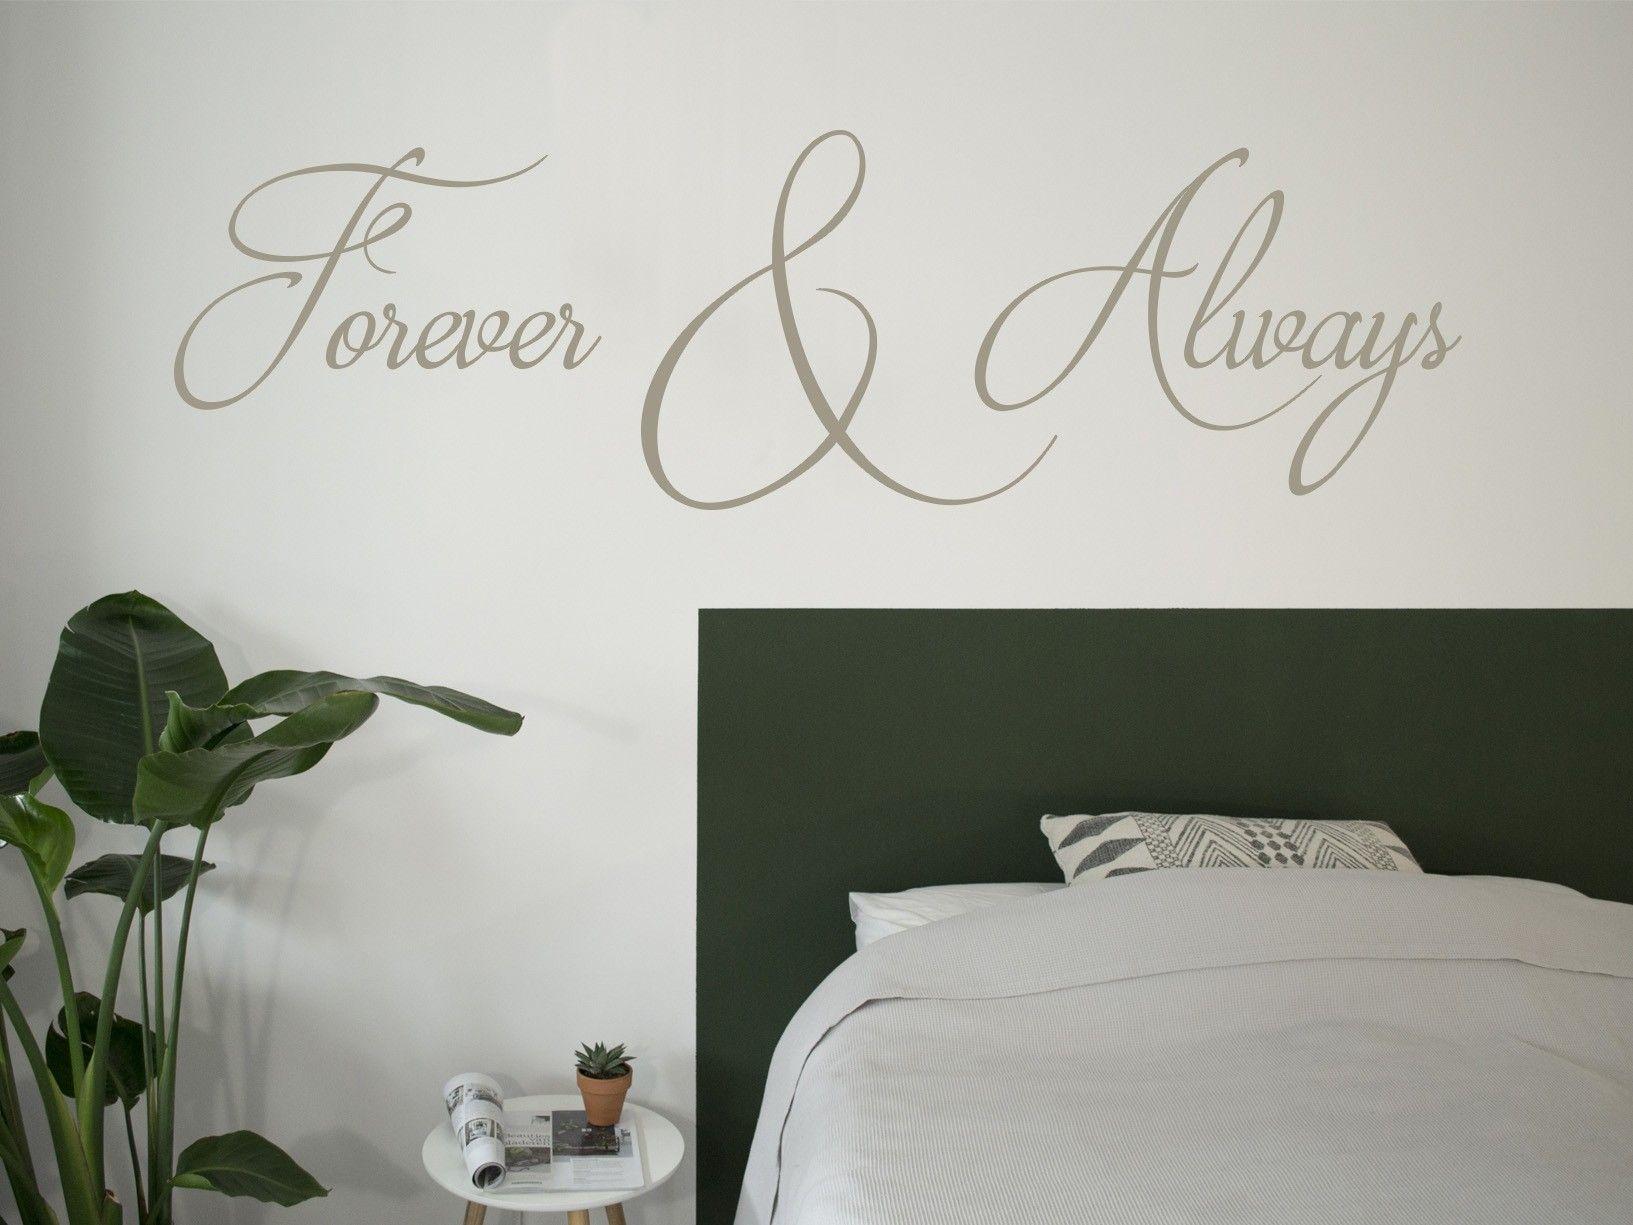 Muurstickers Slaapkamer Ideeen : Muurstickers slaapkamer ideeen eigentijdse goedkope slaapkamer